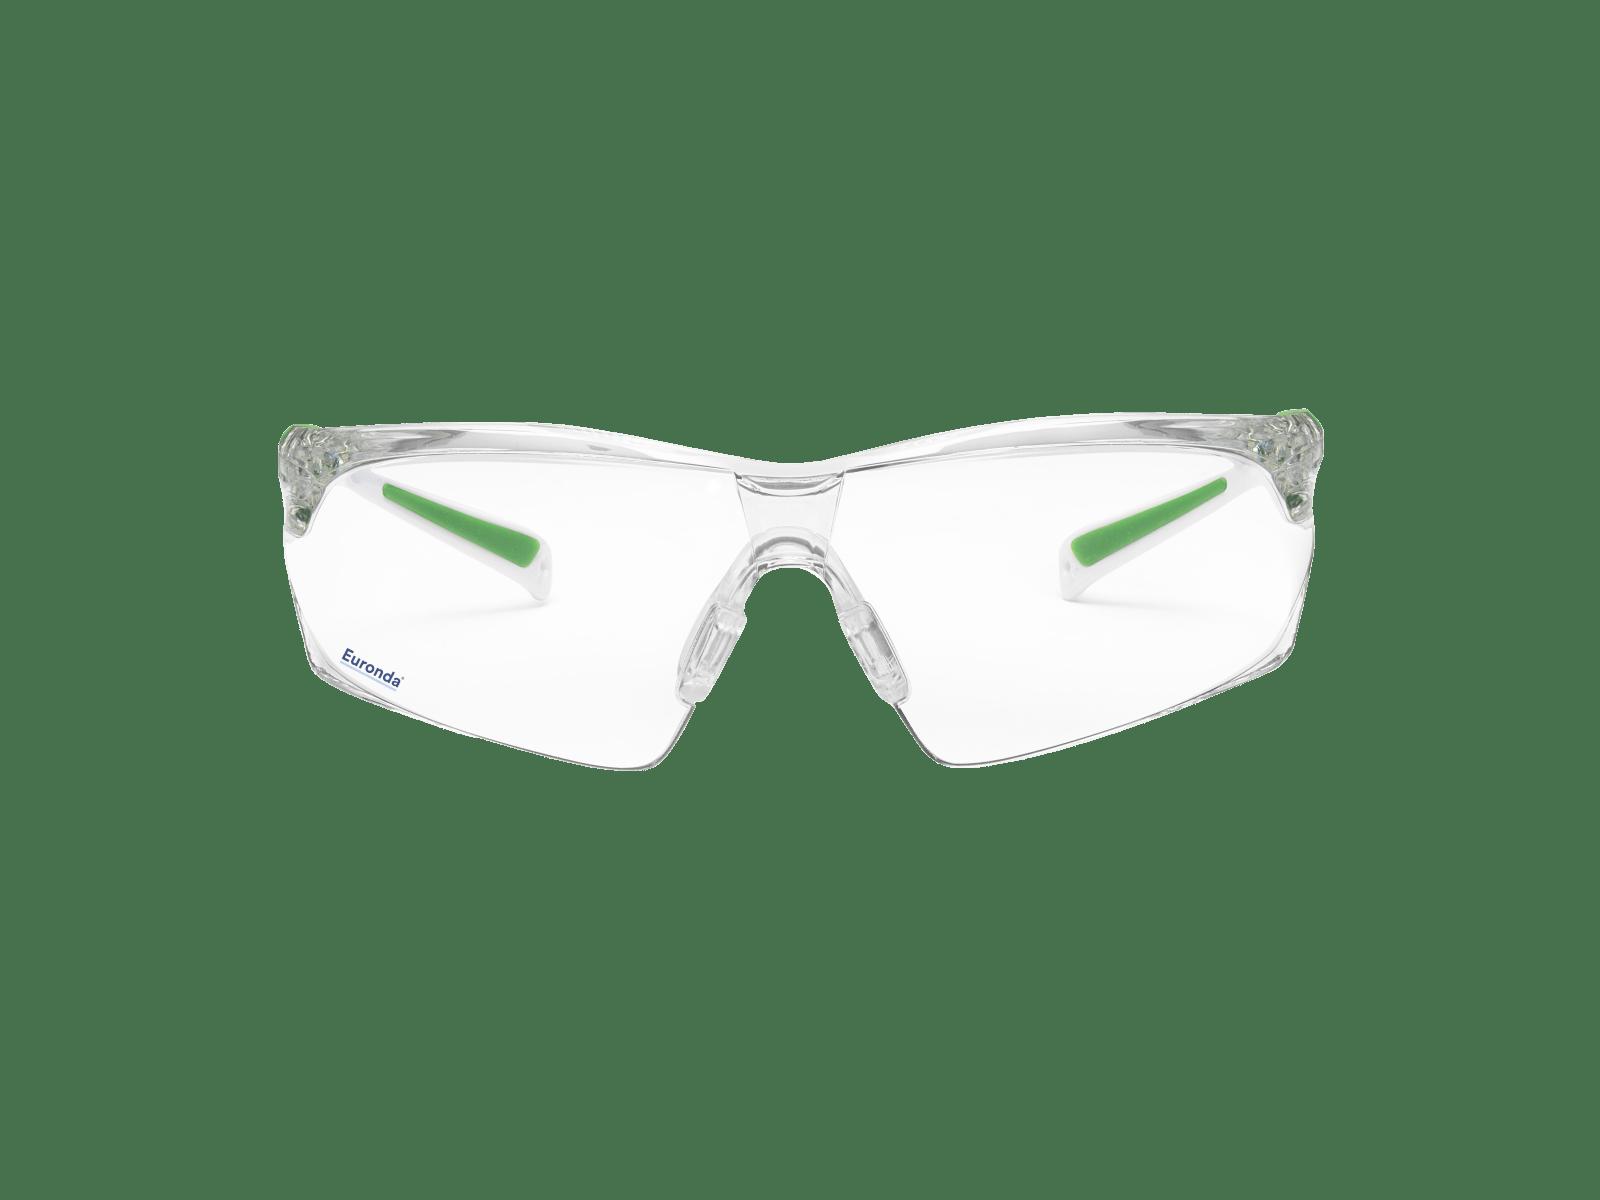 Leichte Schutzbrille FitUp grün - beschlagfrei & kratzfest